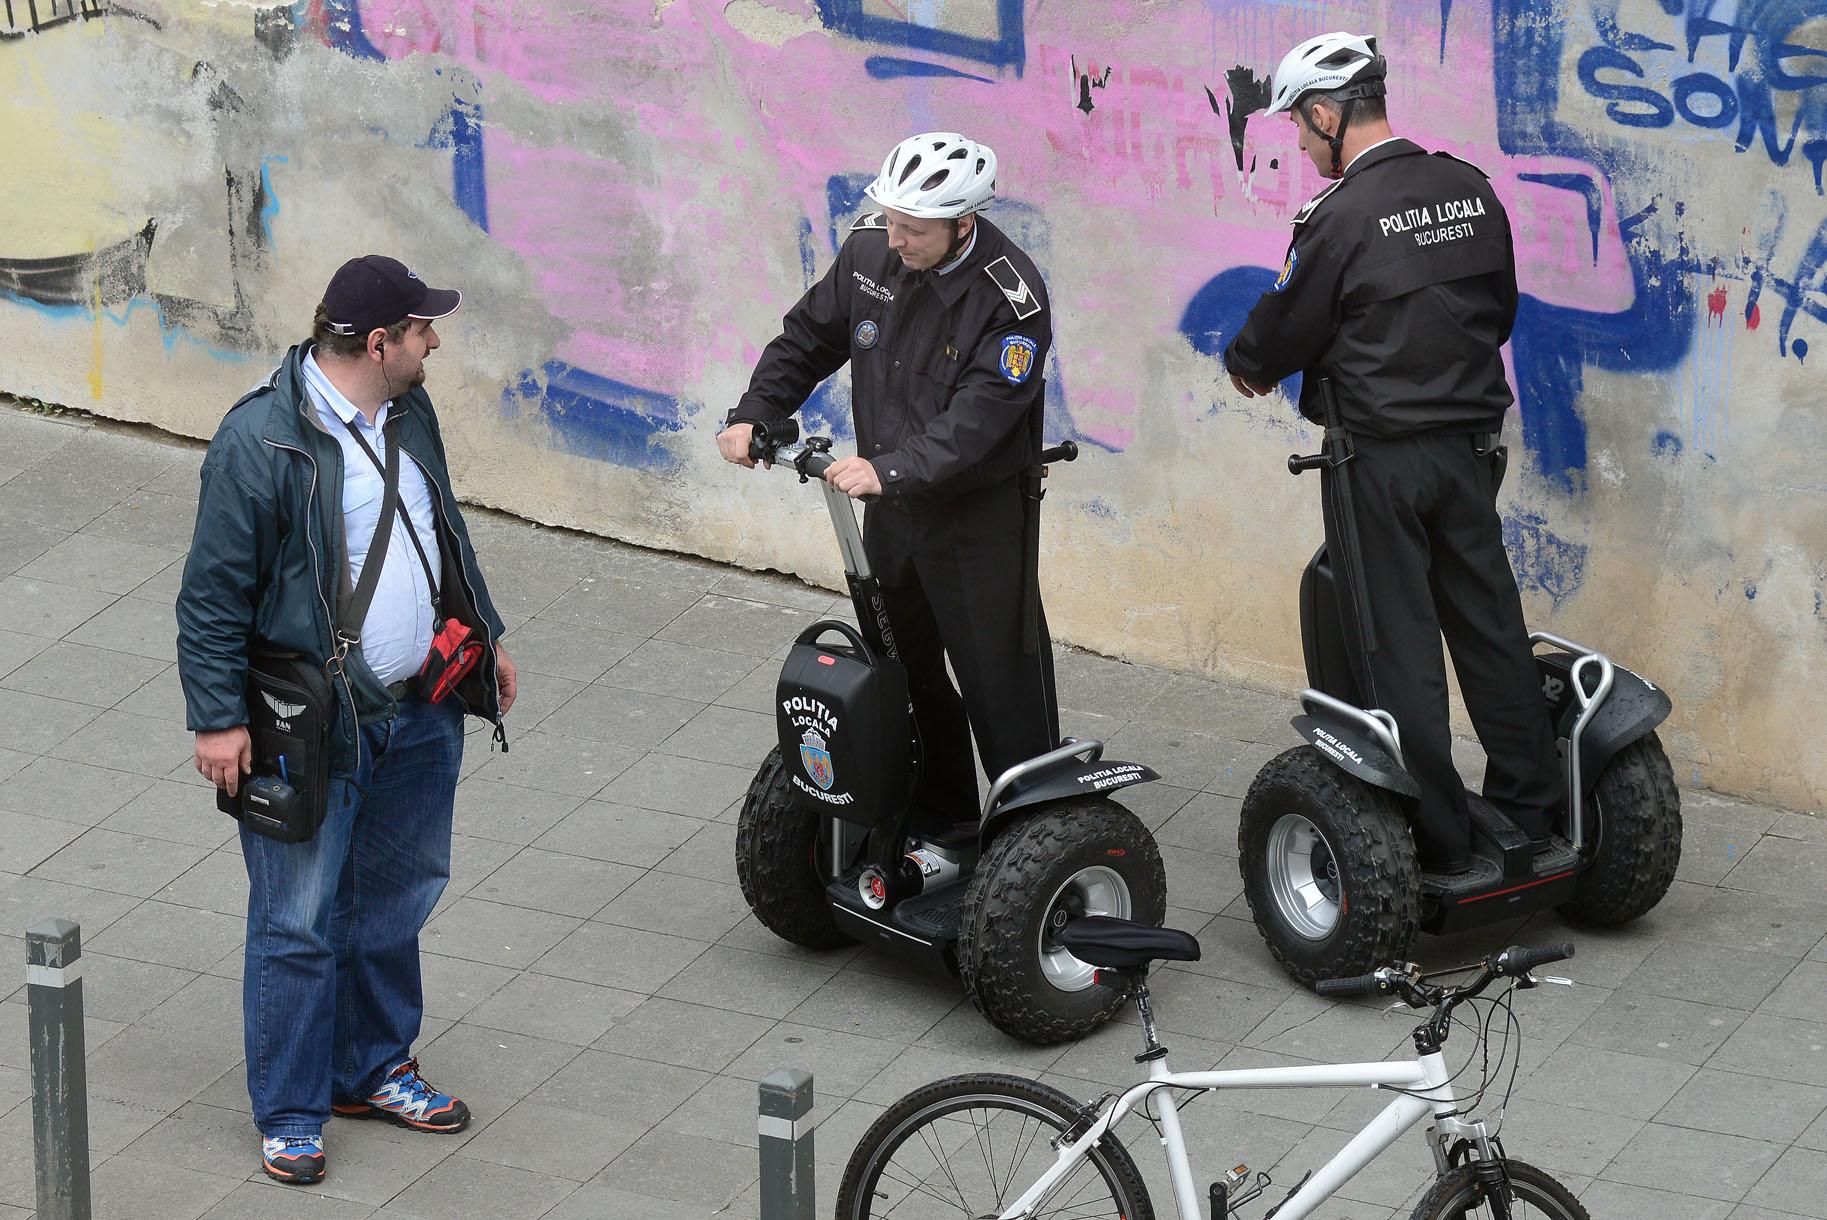 Ce salariu are un polițist român, de fapt. Cât câștigă în mână, în anul - IMPACT